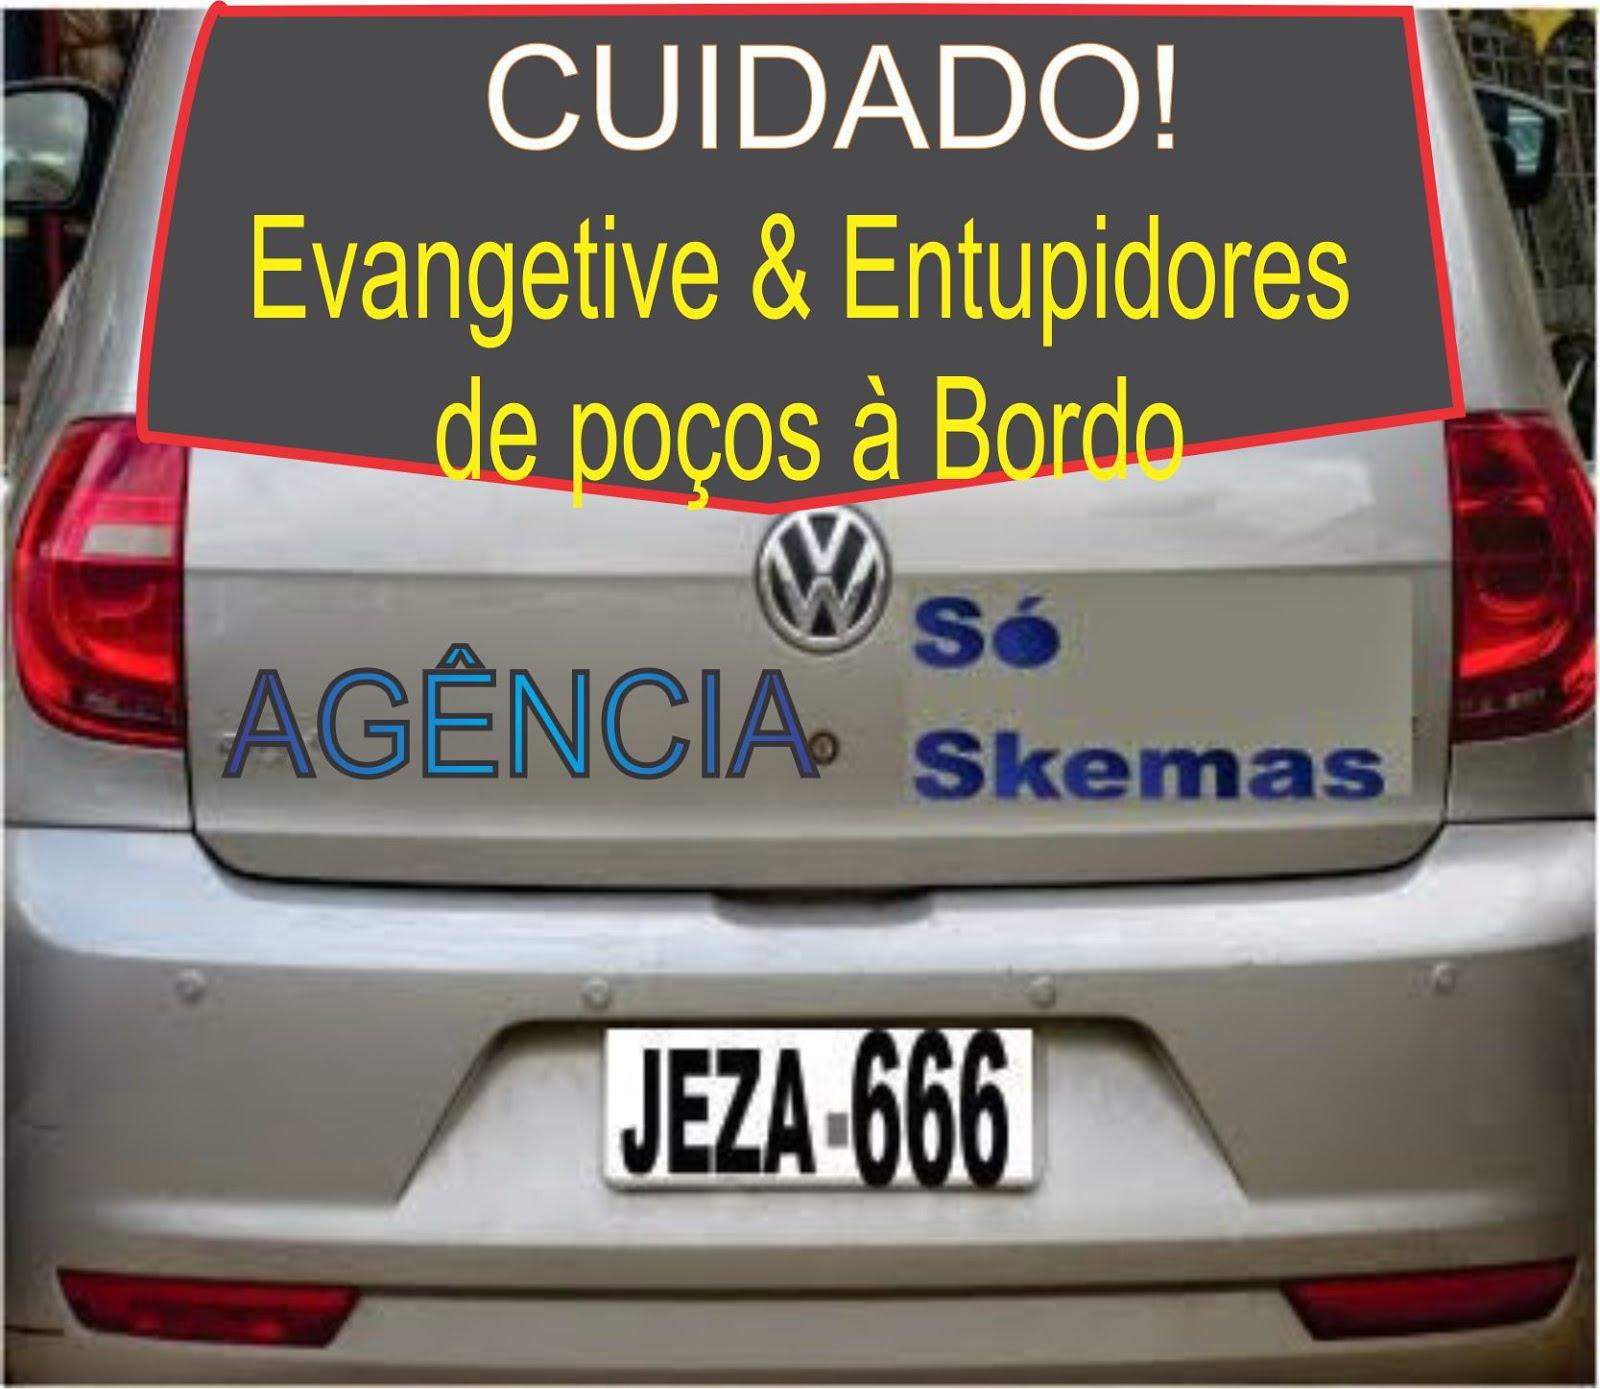 PARA DE ME PERSEGUIR,EVANGELISTA-DETETIVE-TERRORISTA!